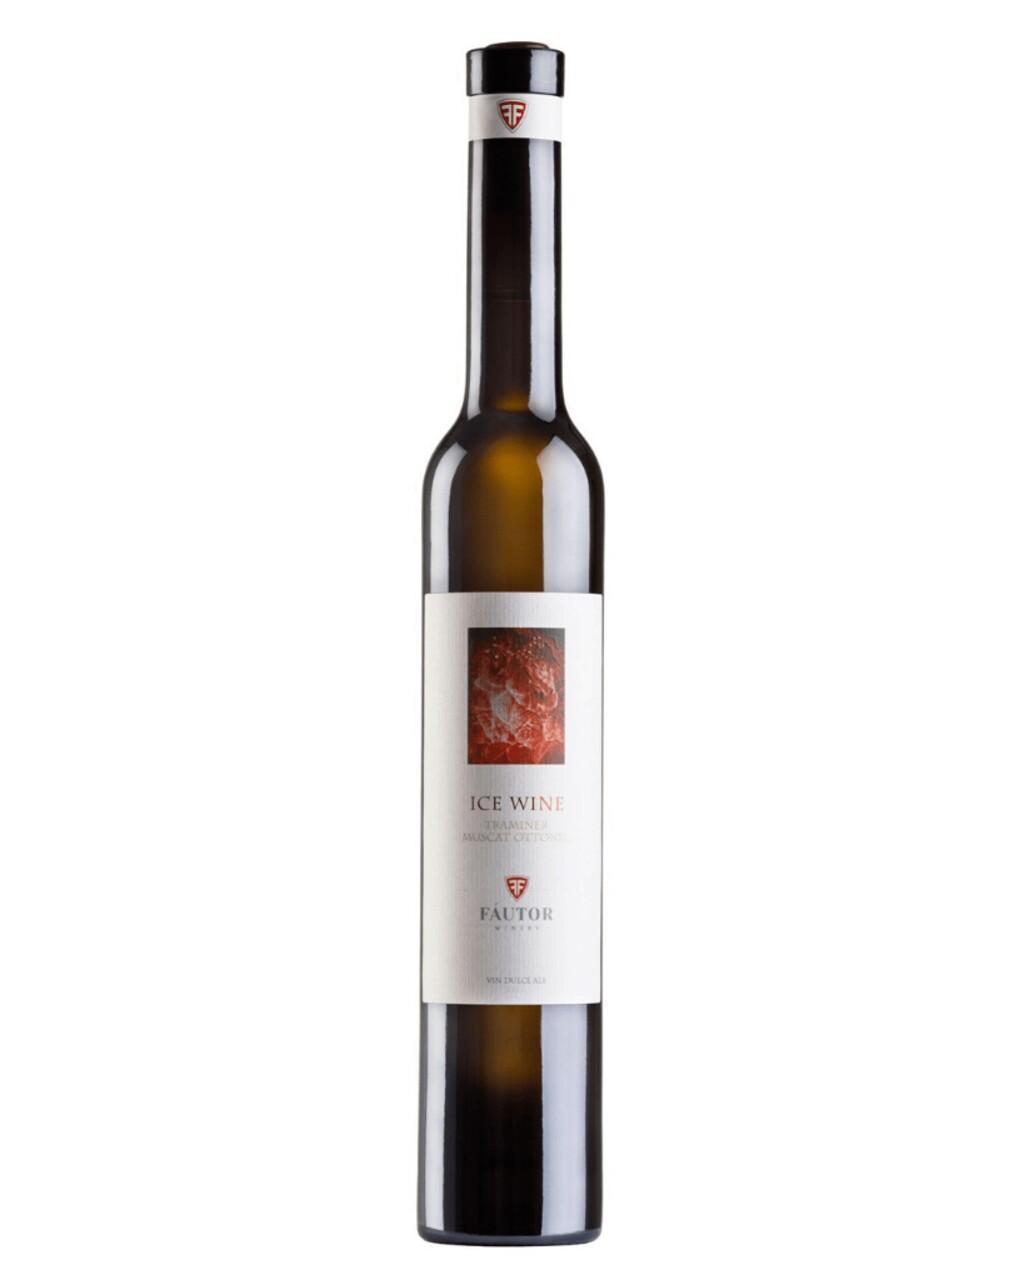 Fautor Ice Wine Traminer, Muscat Ottonel 0.375L